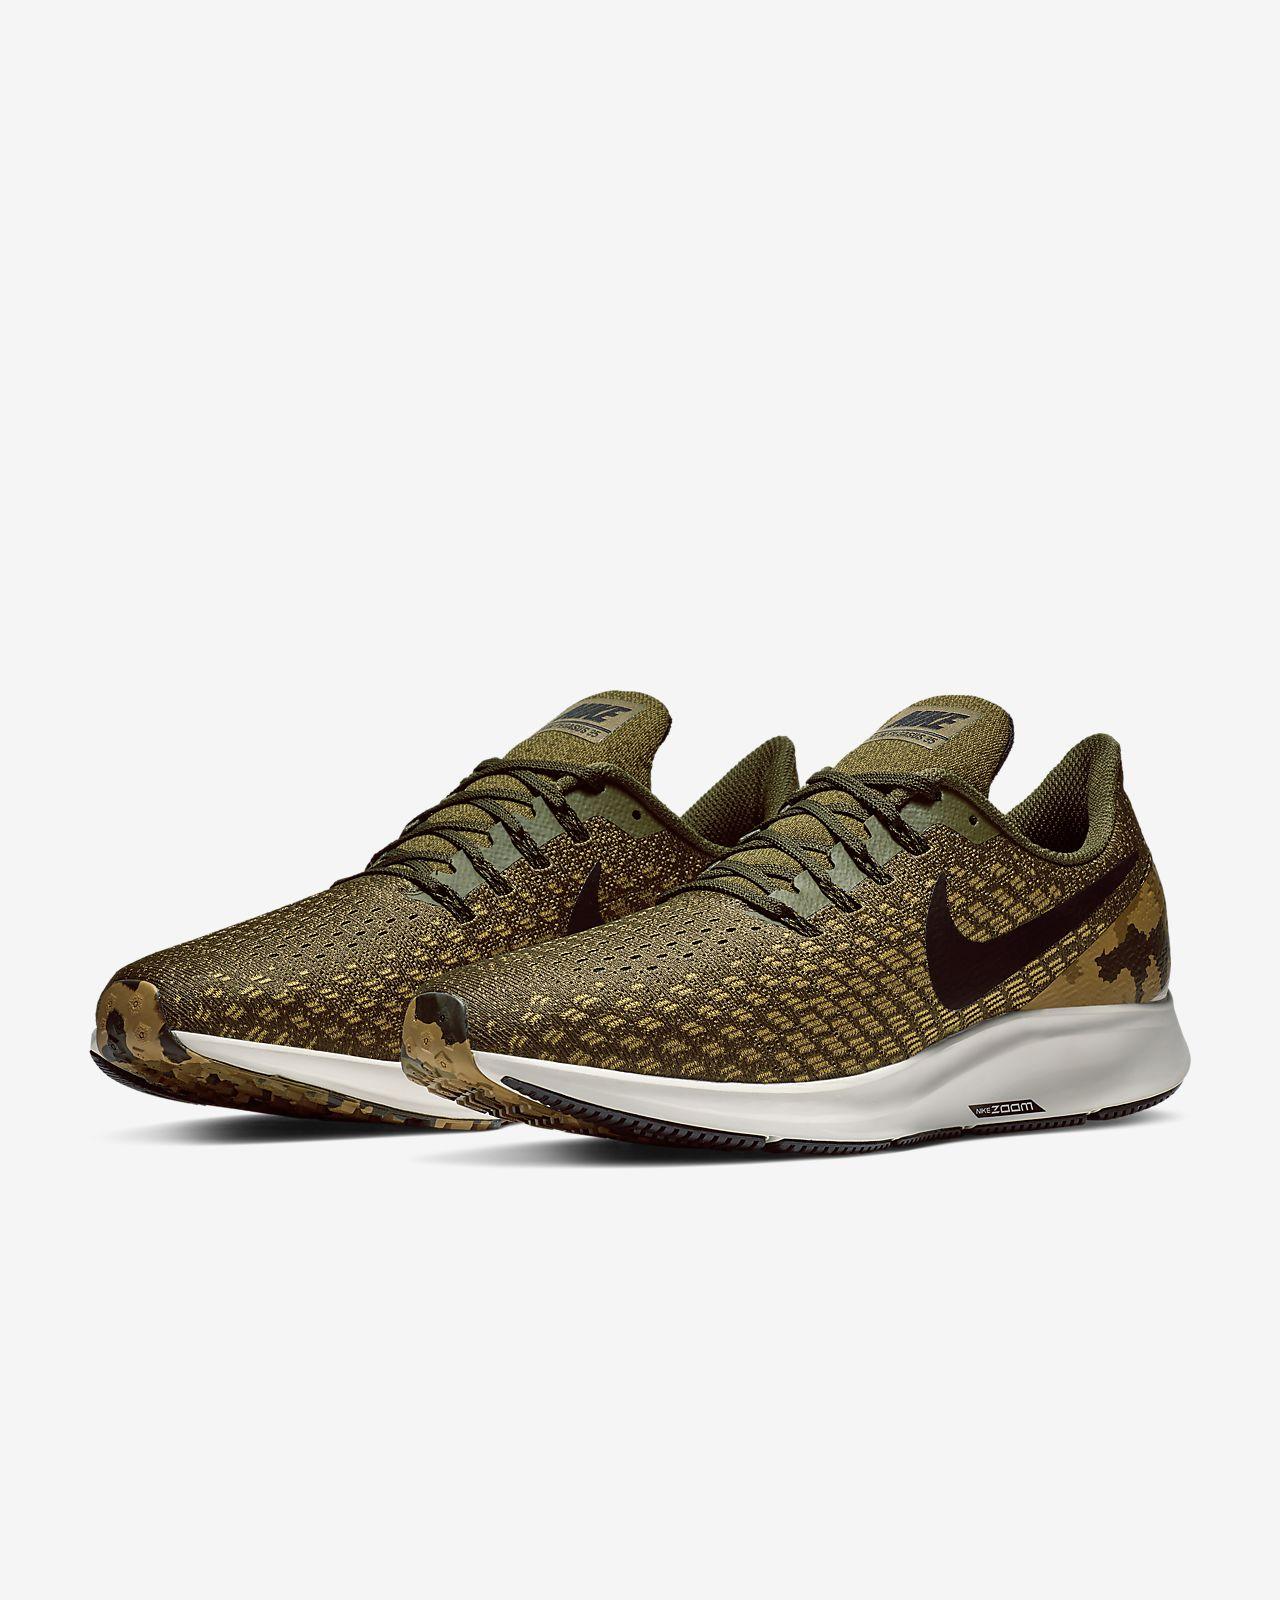 buy online 384d6 8ffe9 ... Calzado de running con estampado de camuflaje para hombre Nike Air Zoom  Pegasus 35